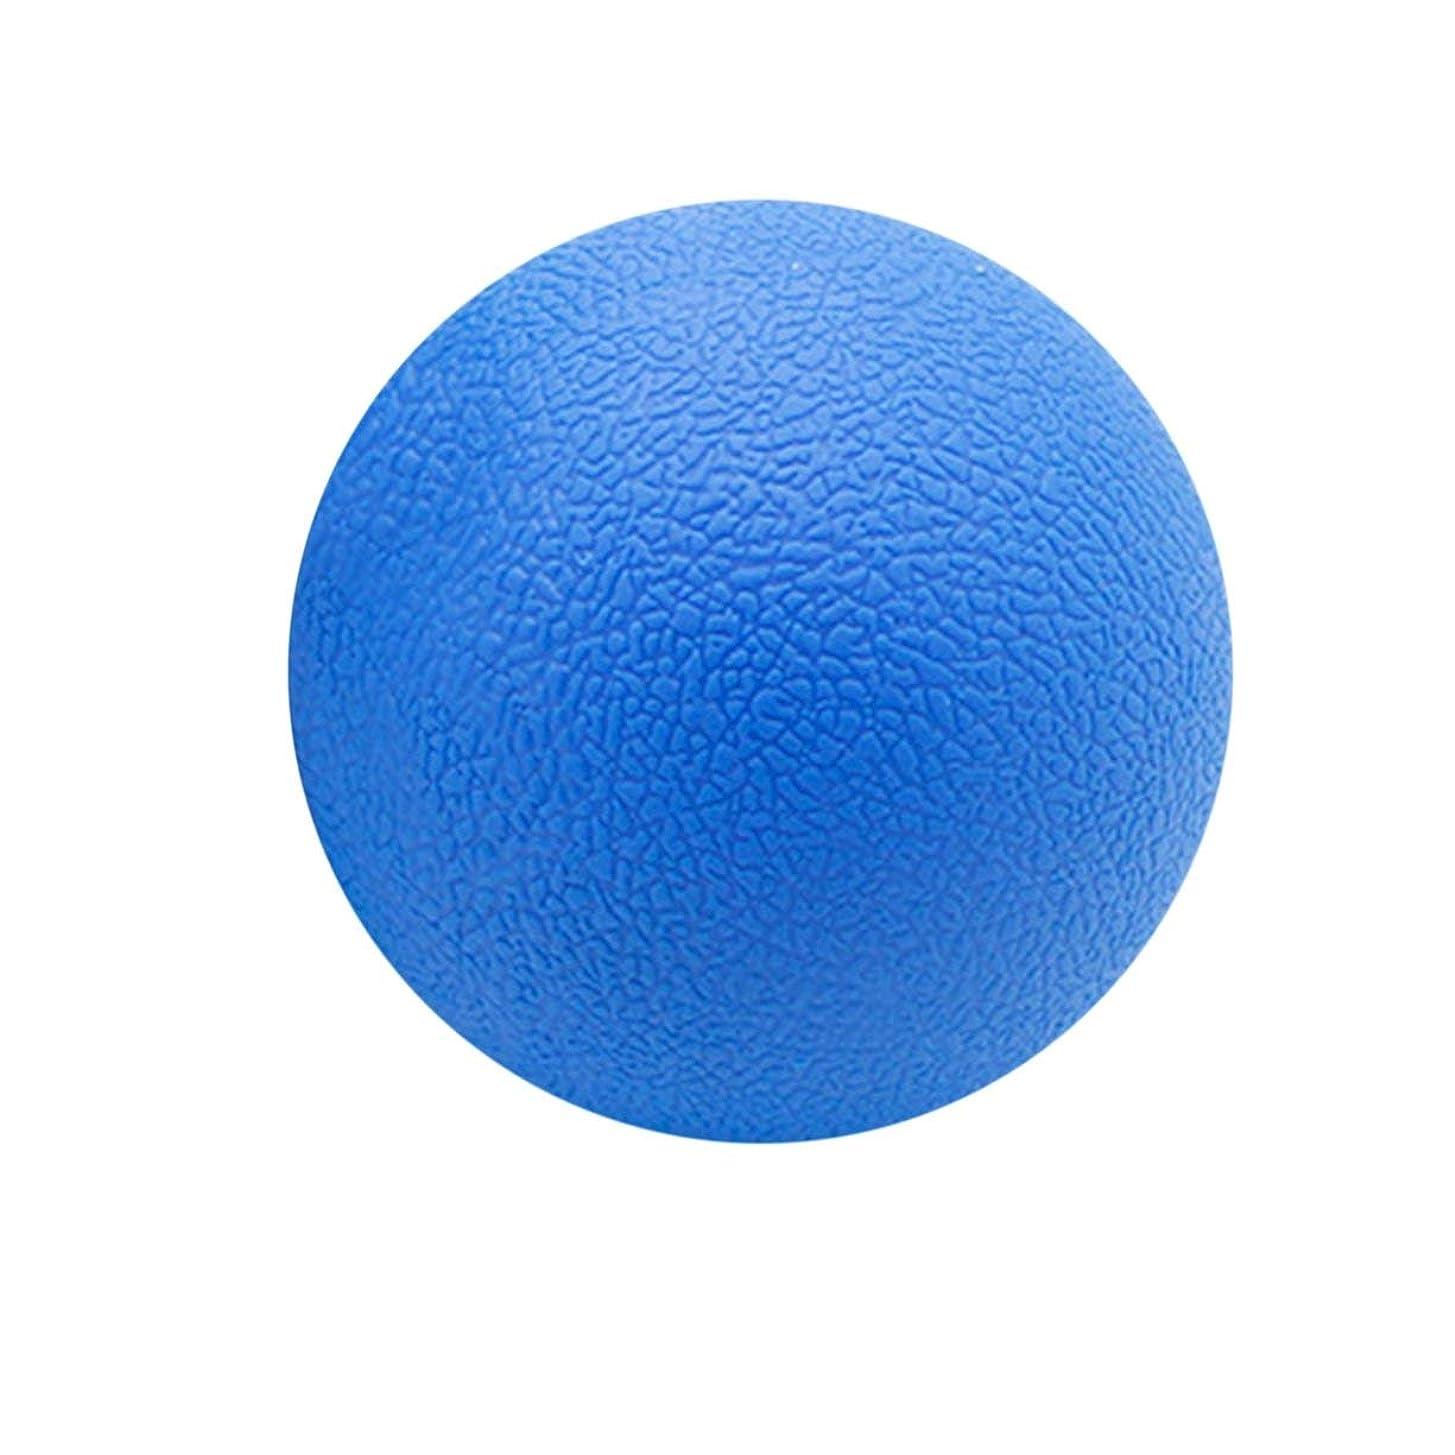 これら離婚バーゲンフィットネス緩和ジムシングルボールマッサージボールトレーニングフェイシアホッケーボール6.3 cmマッサージフィットネスボールリラックスマッスルボール - ブルー